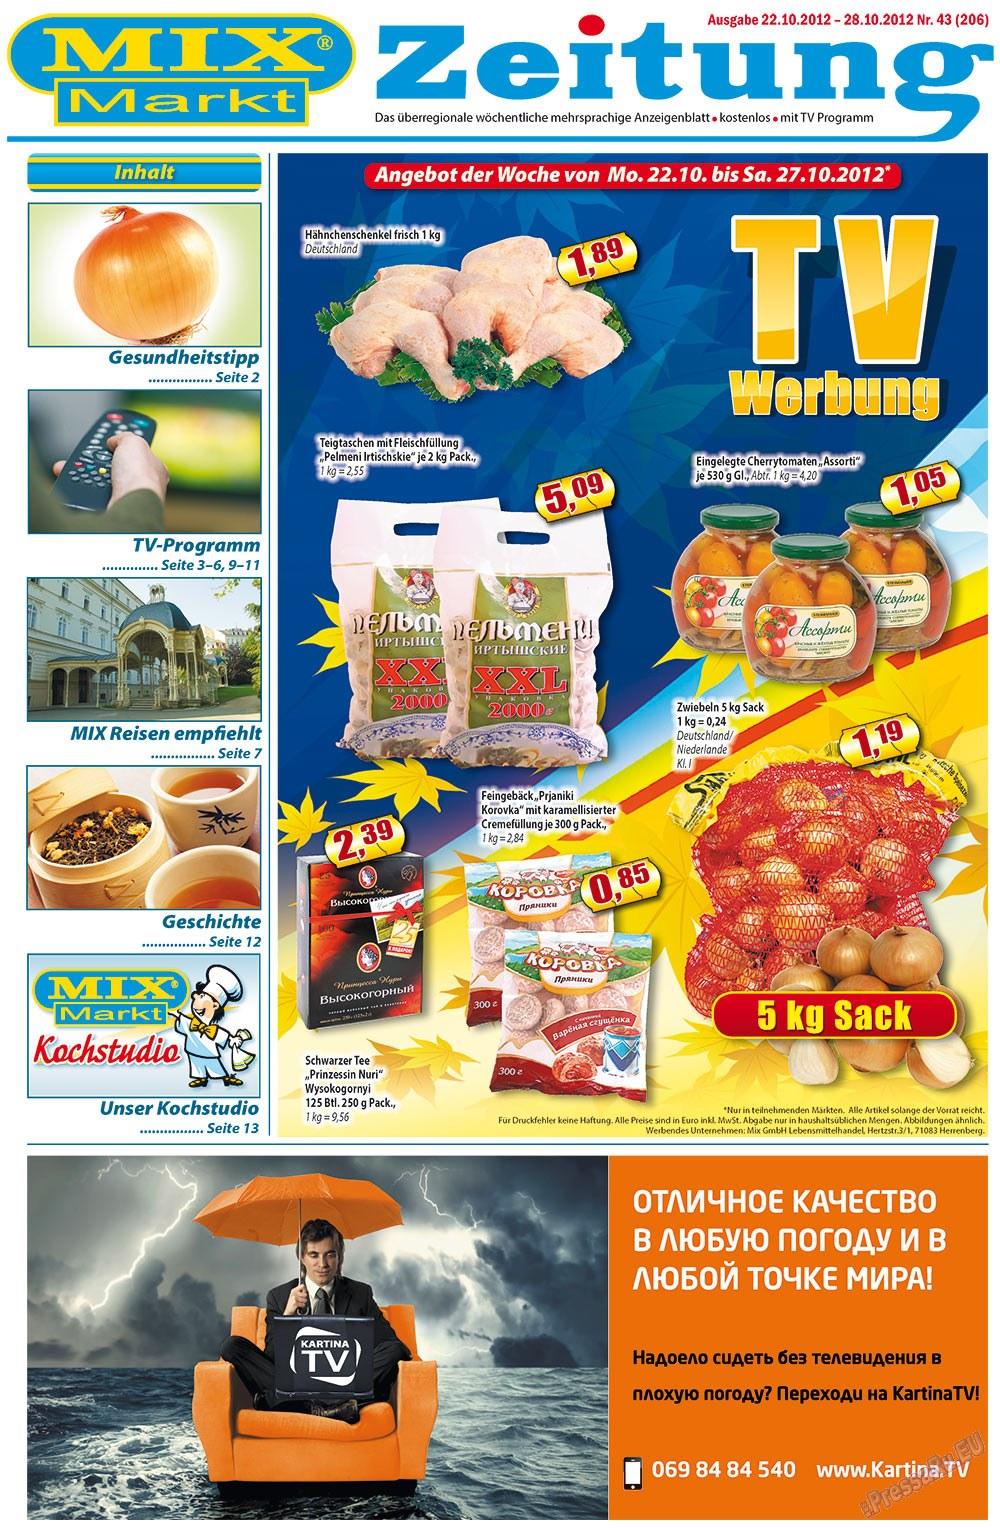 MIX-Markt Zeitung (газета). 2012 год, номер 43, стр. 1